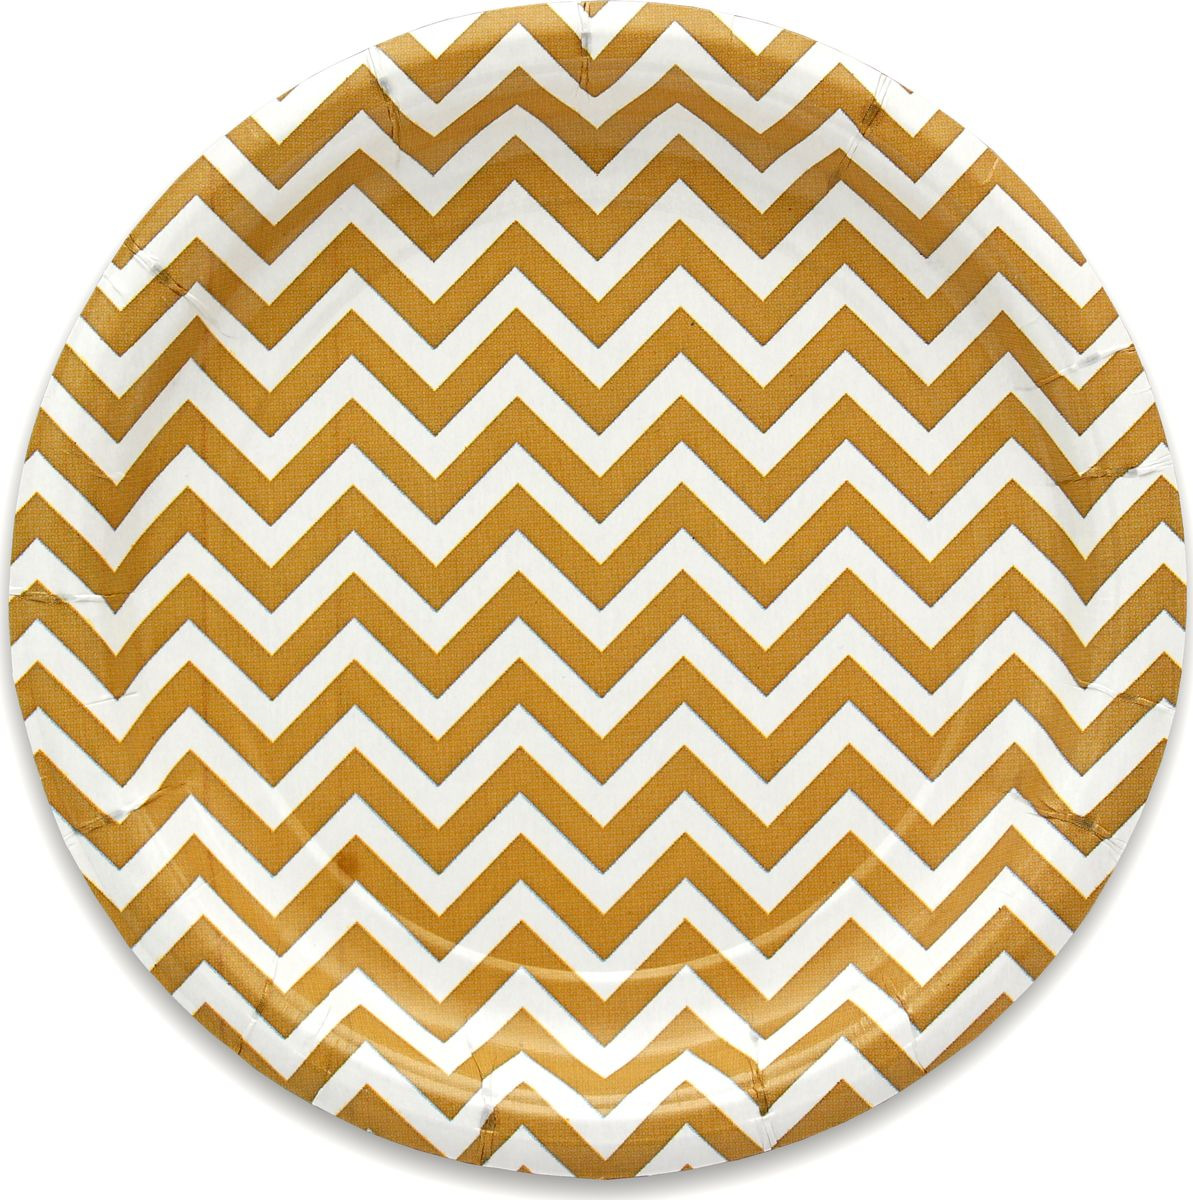 Тарелка бумажная Miland Золотой ЗигЗаг, 17 см, 6 шт